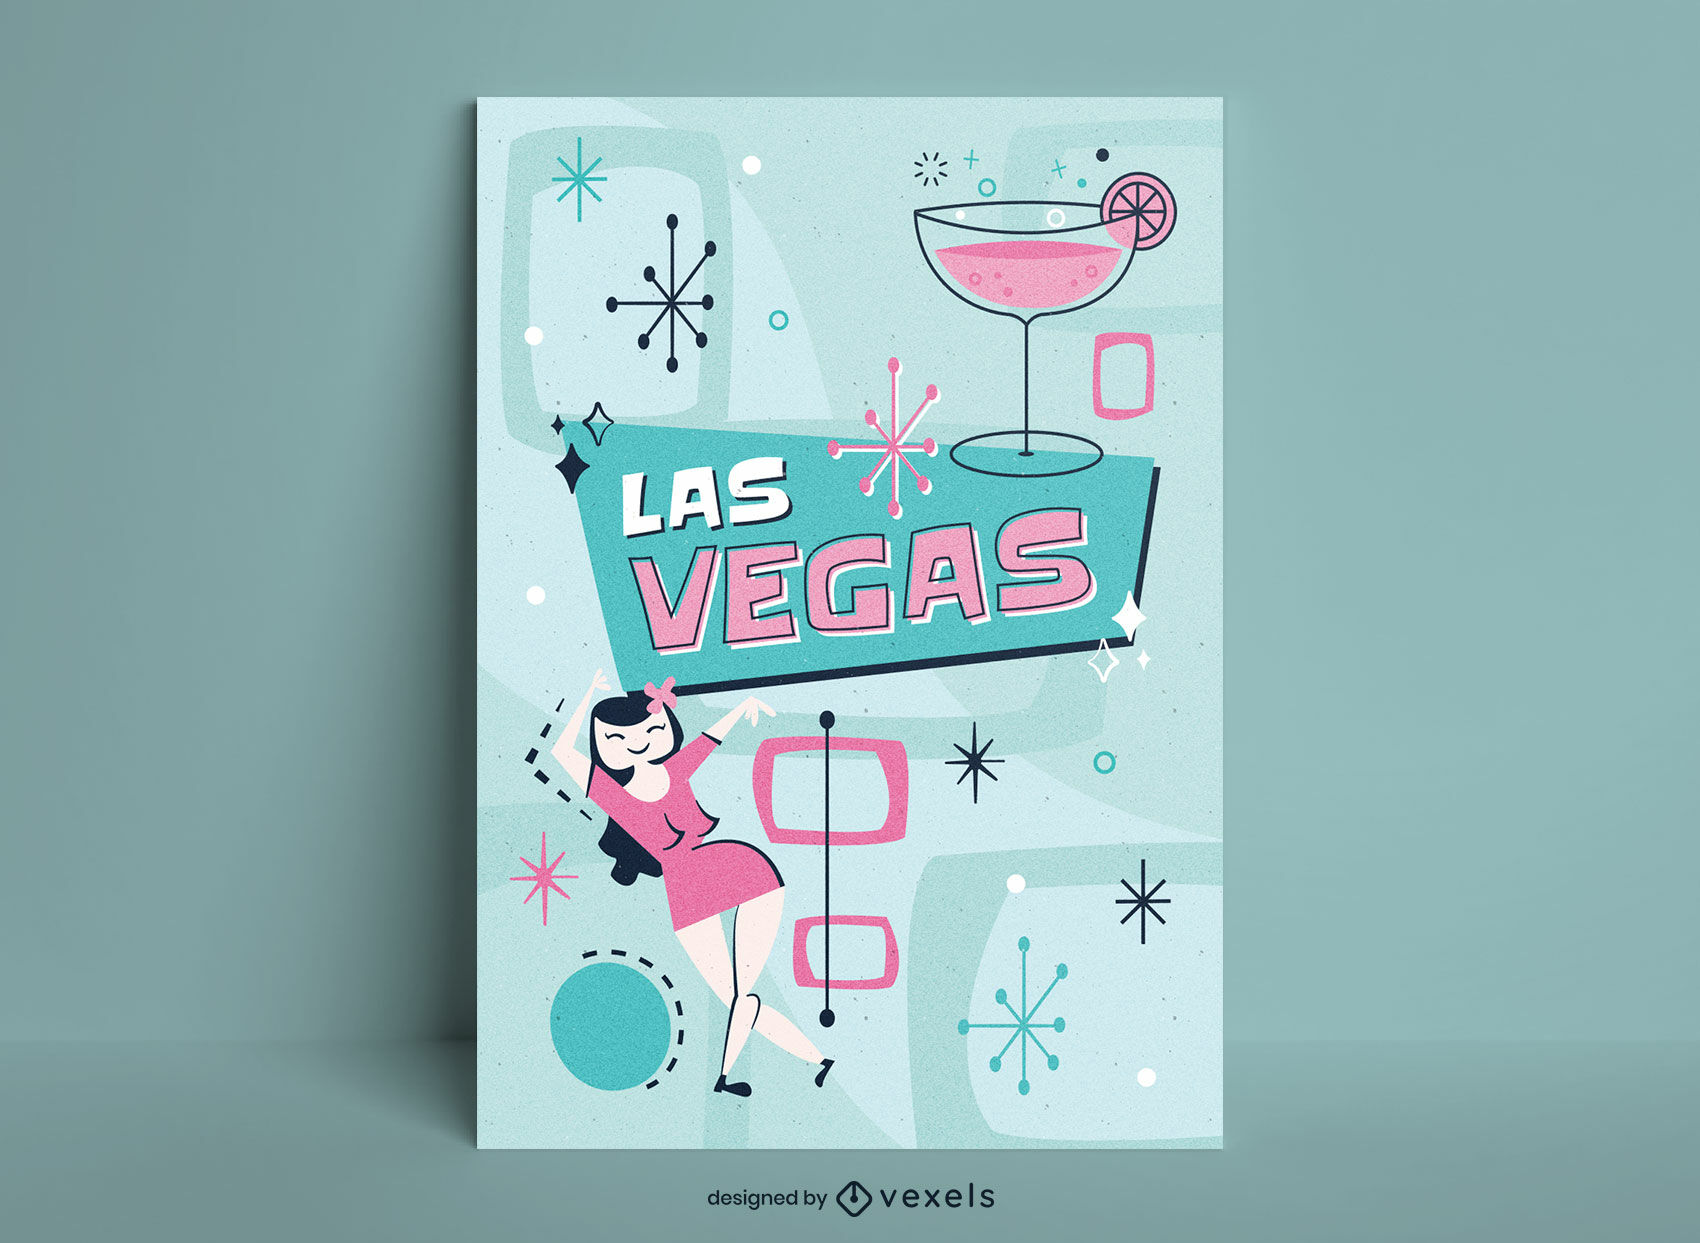 Diseño de cartel retro de la fiesta de las vegas